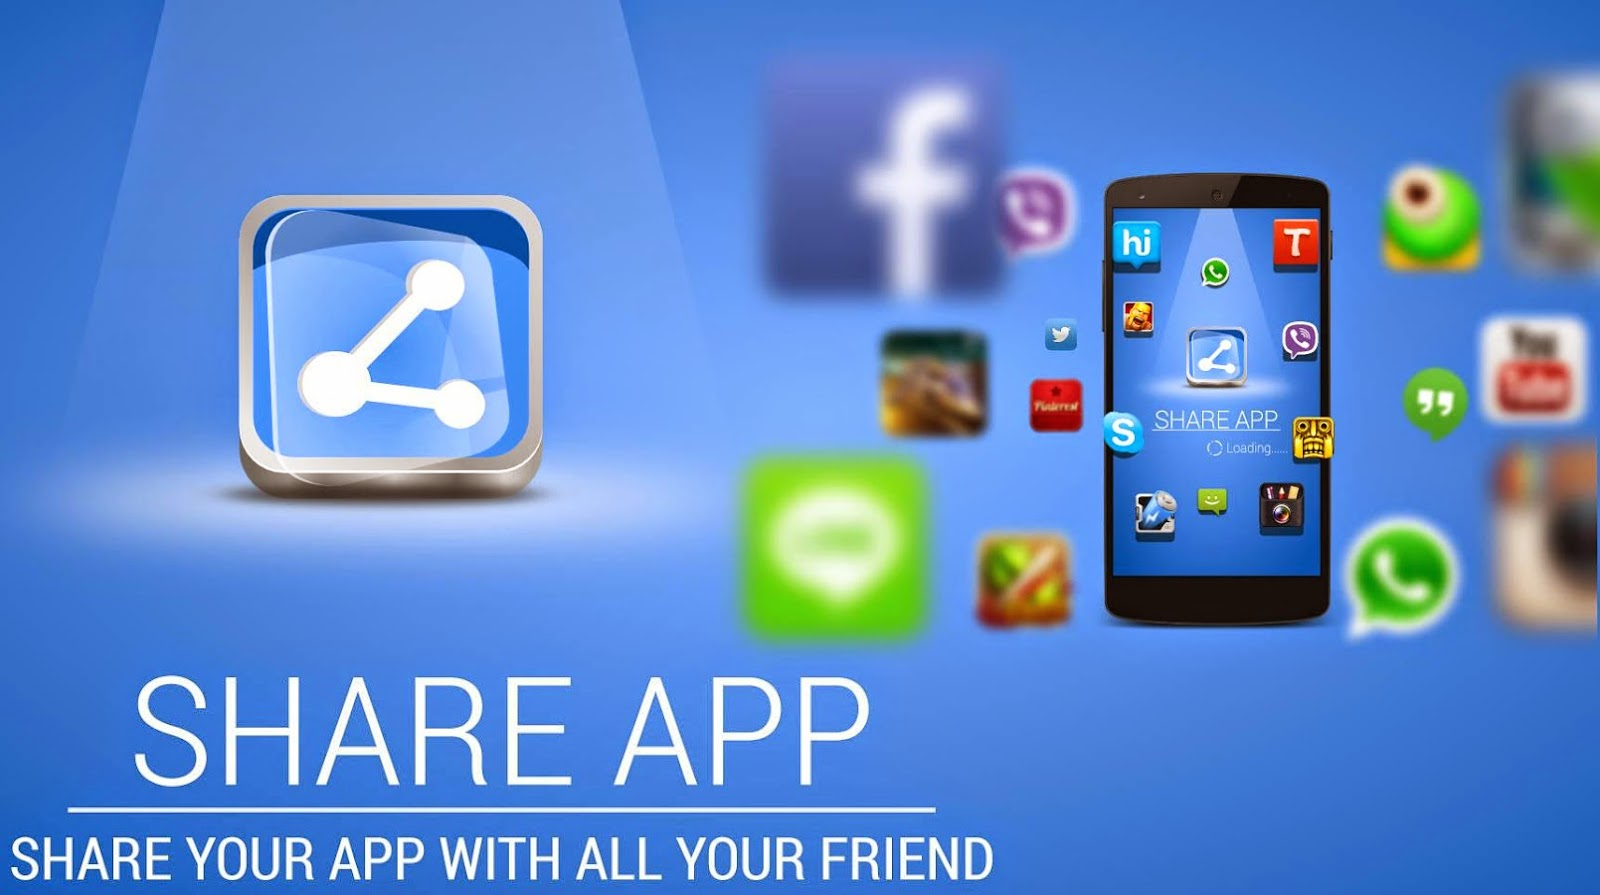 كيفية إرسال ومشاركة التطبيقات والالعاب لهواتف أندرويد